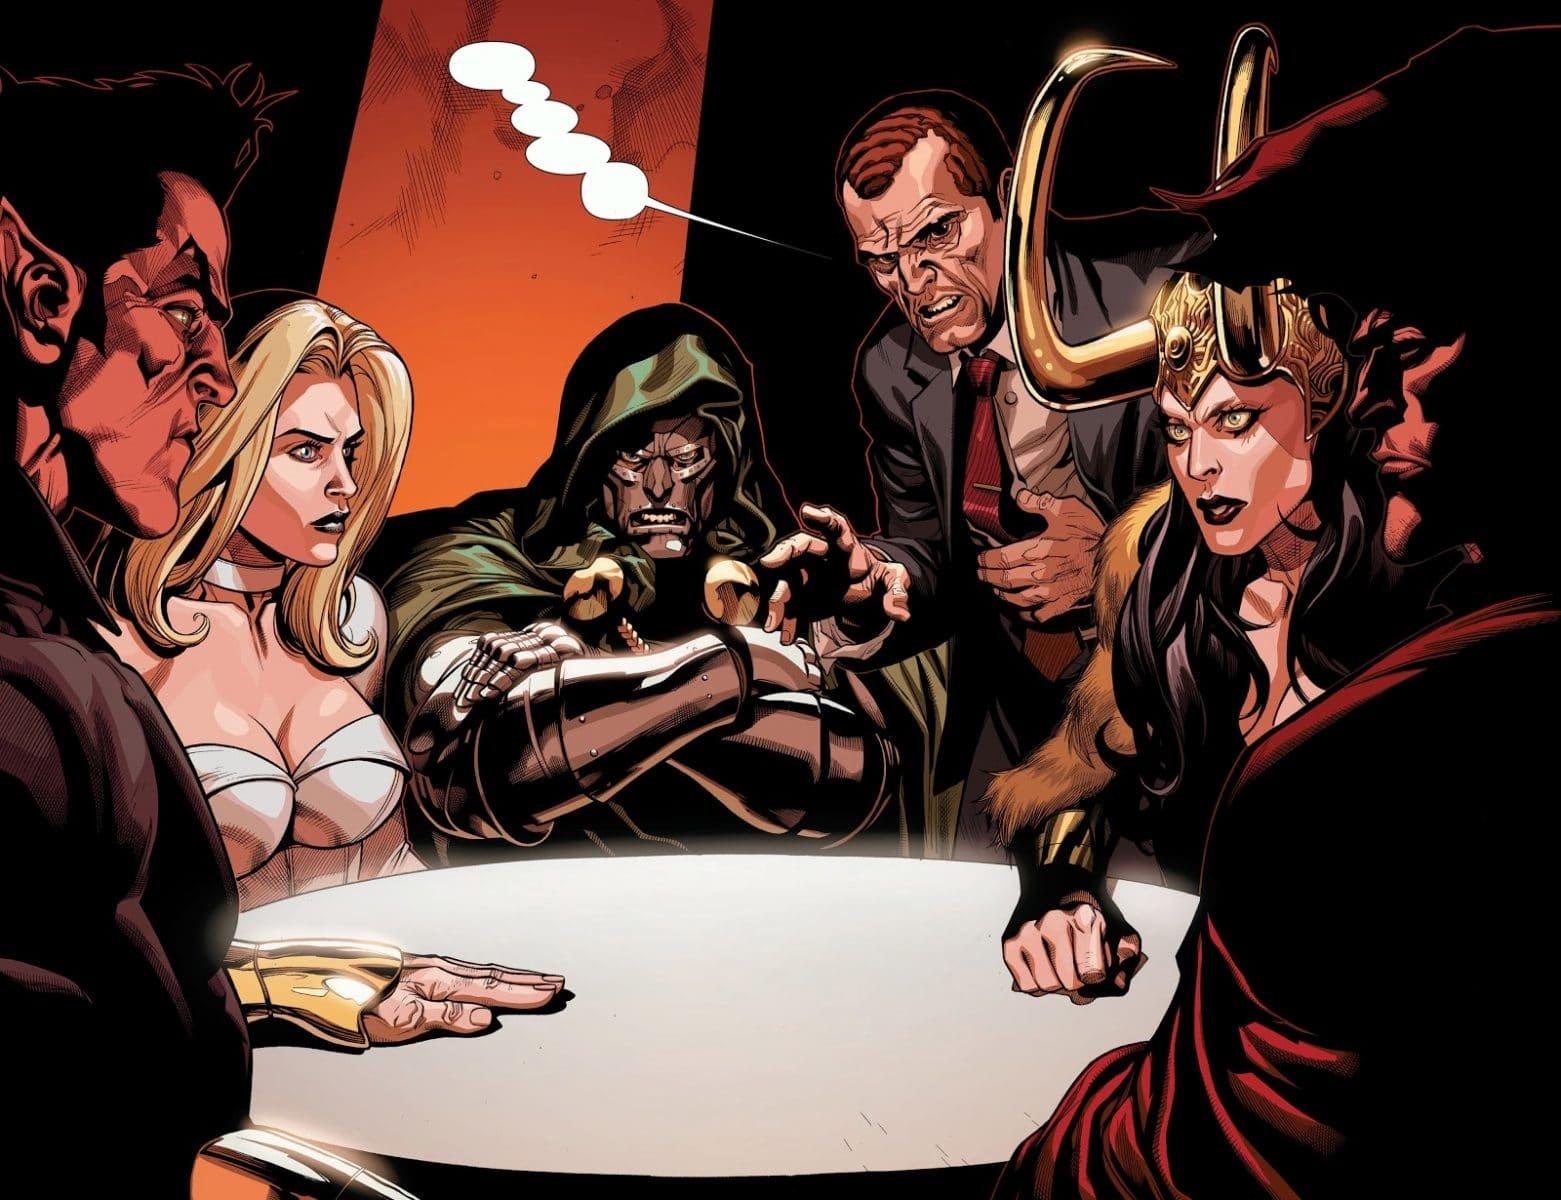 Namor, Emma Frost, Doutor Destino, Norman Osbourn e Capuz em uma reunião da Cabala (Divulgação/Marvel)